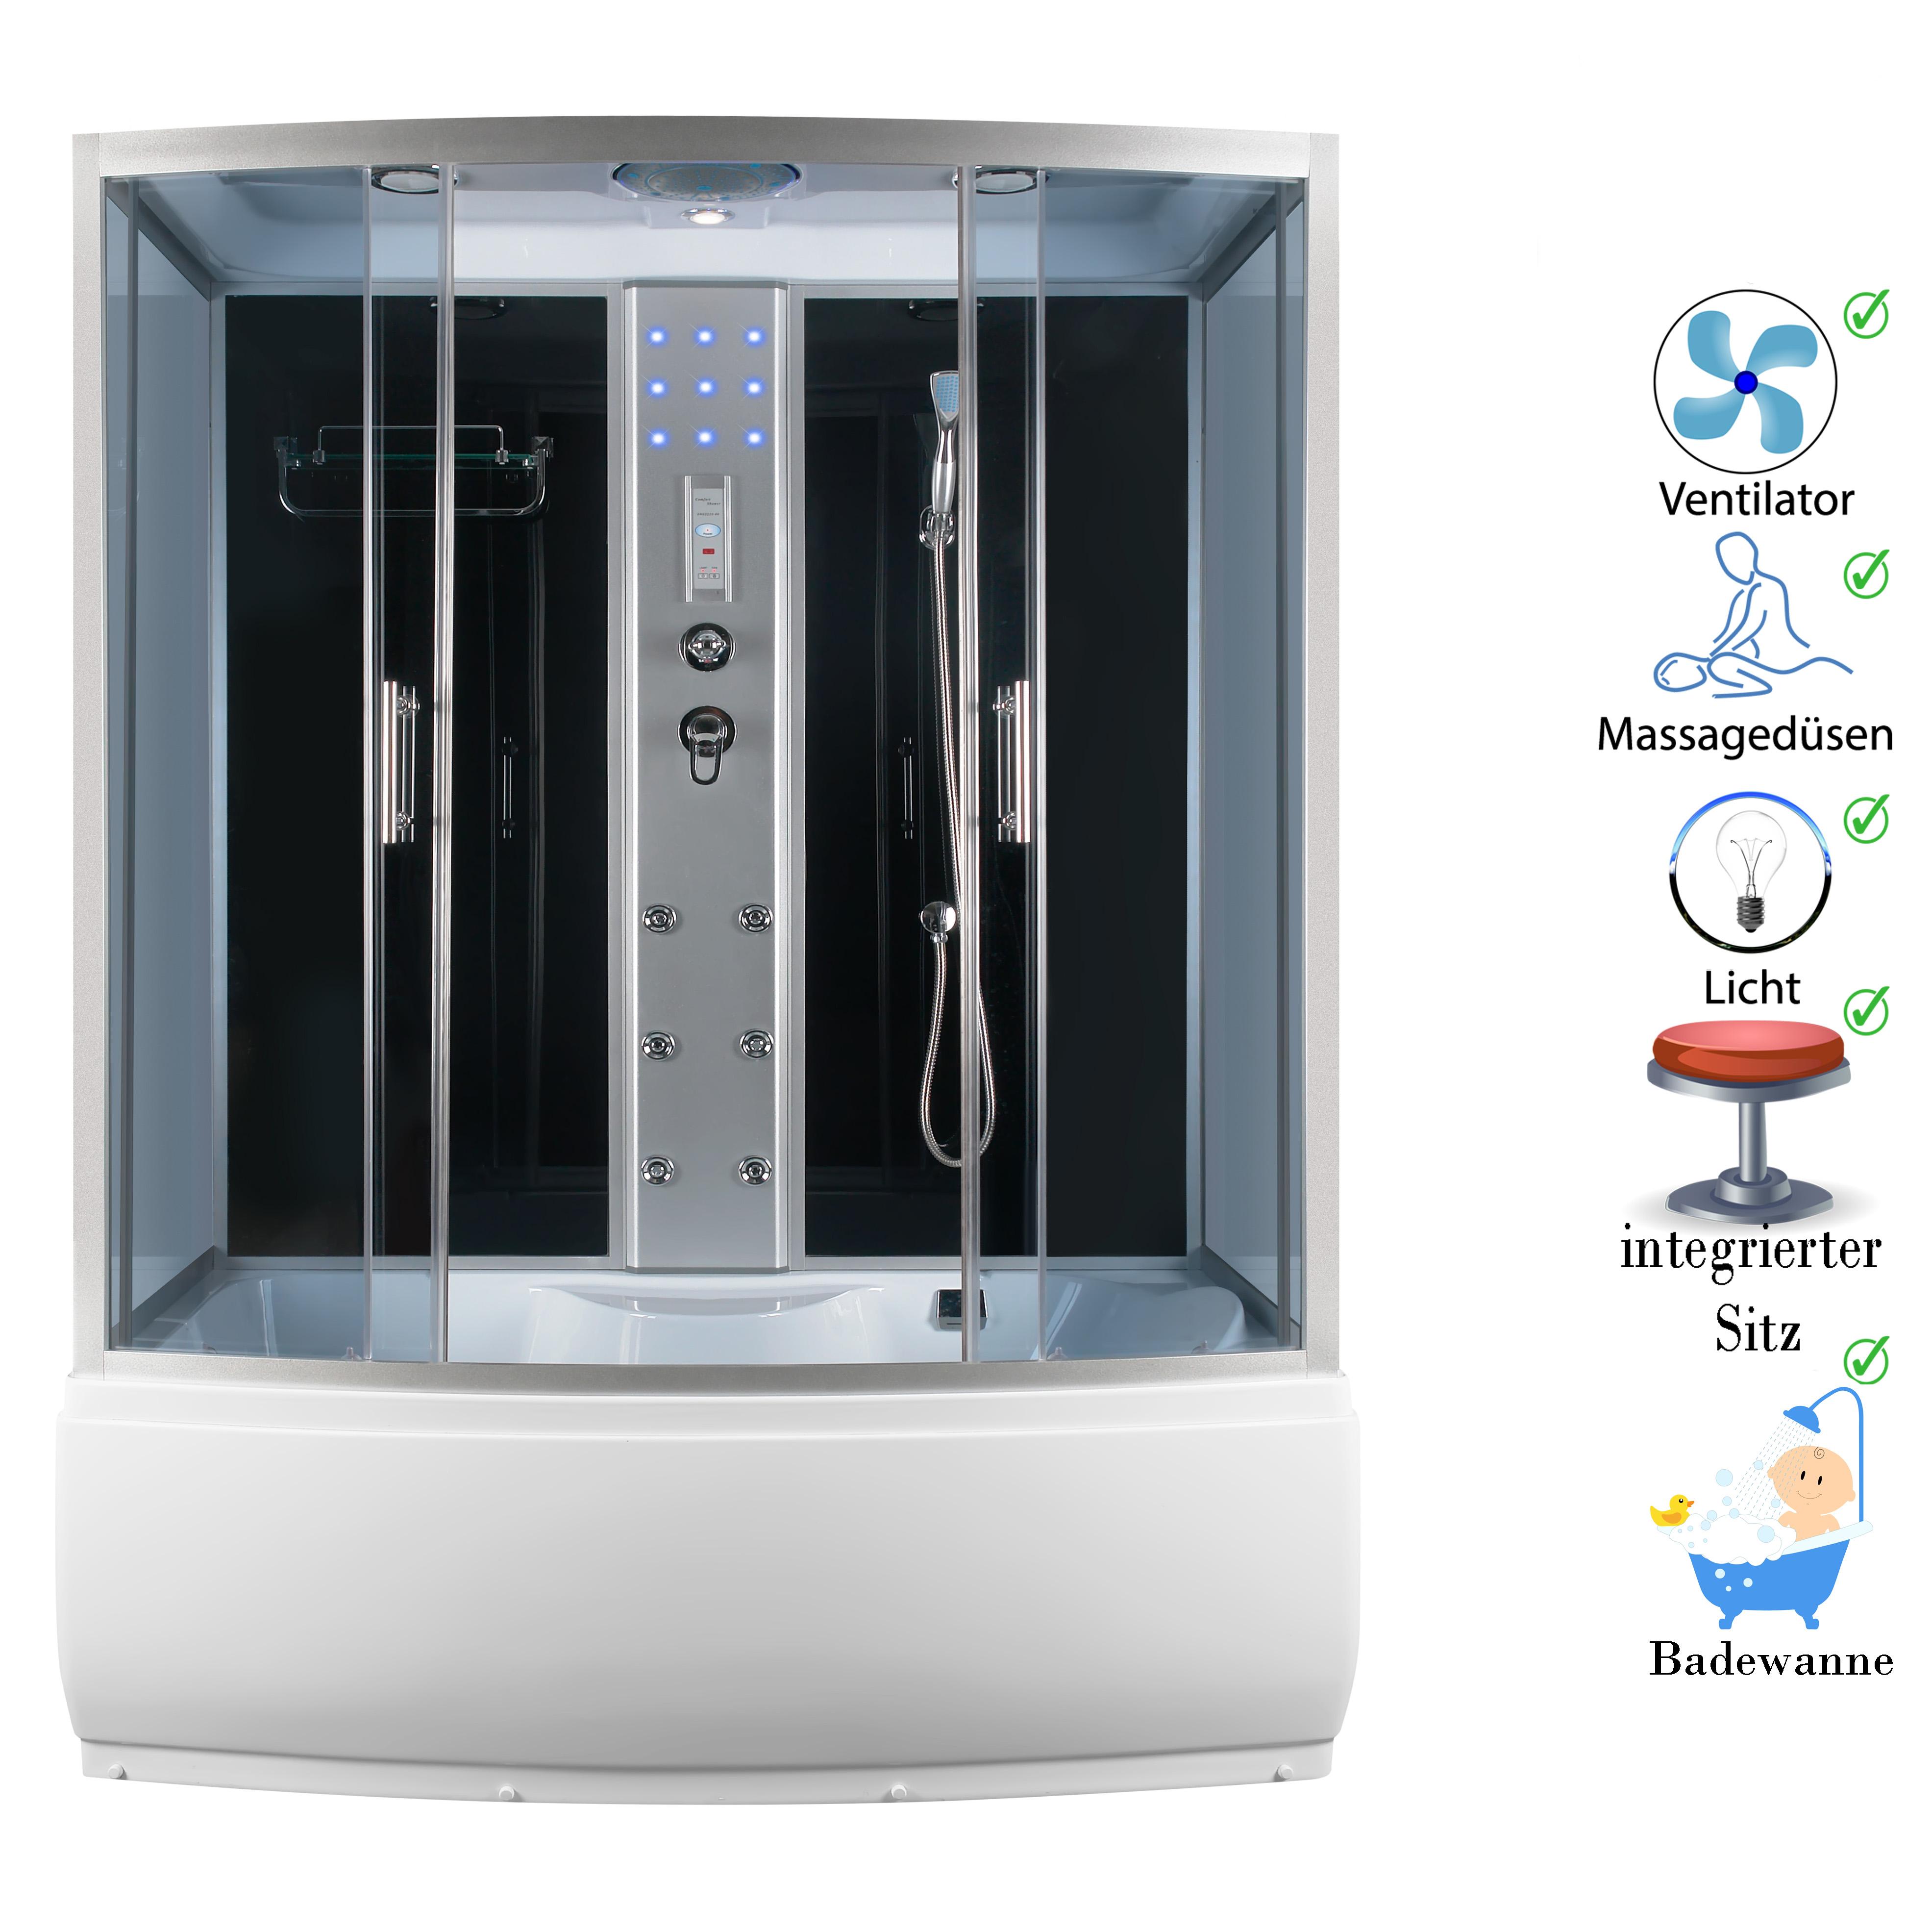 Cabine de douche pluie finie paroi baignoire 150 ebay for Baignoire cabine de douche integree